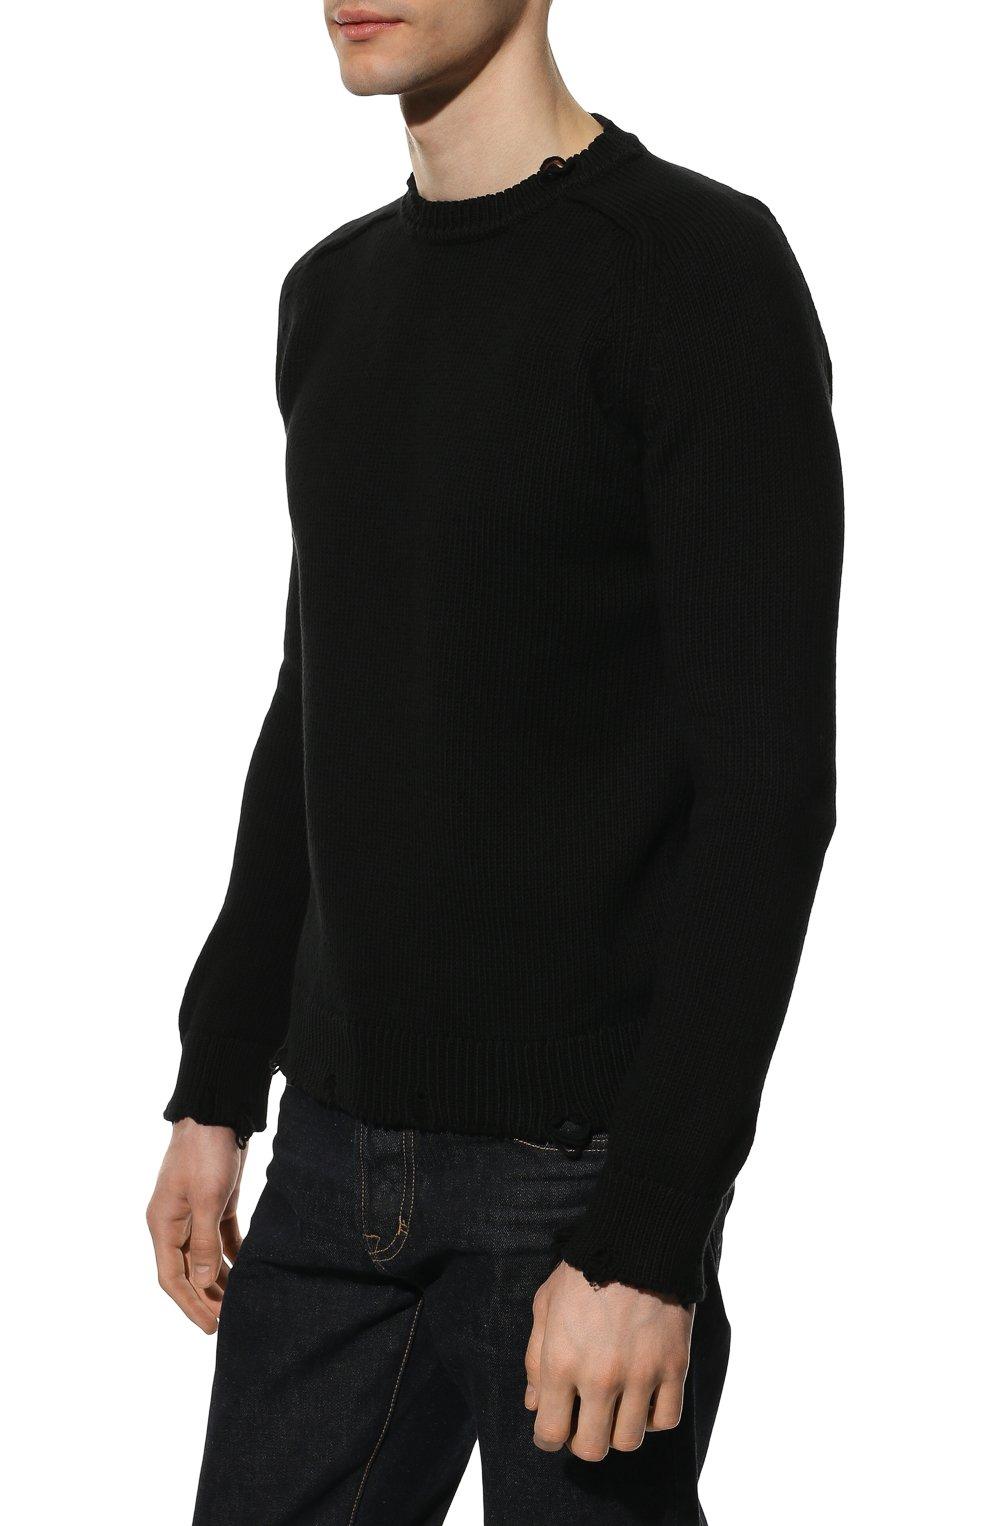 Мужской хлопковый свитер SAINT LAURENT черного цвета, арт. 604798/YAL02 | Фото 3 (Рукава: Длинные; Принт: Без принта; Длина (для топов): Стандартные; Стили: Гранж; Материал внешний: Хлопок; Мужское Кросс-КТ: Свитер-одежда; Статус проверки: Проверена категория)